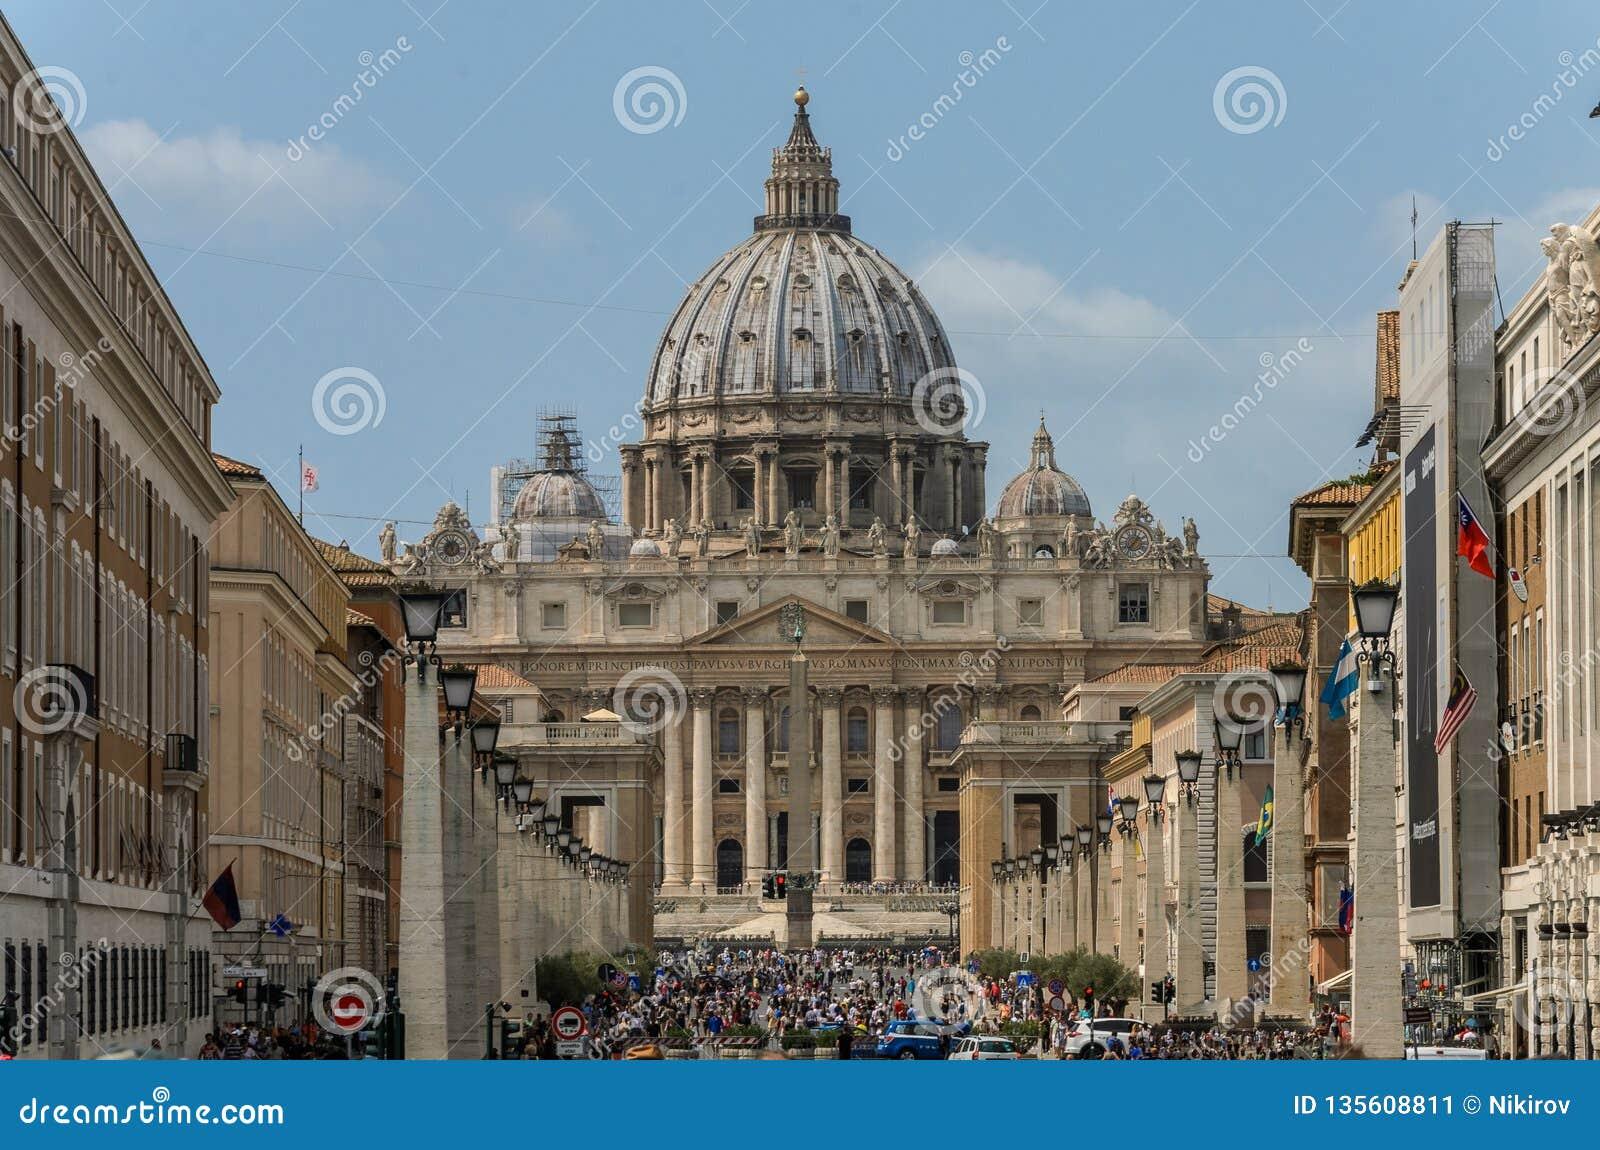 ROMA, ИТАЛИЯ - АВГУСТ 2018: Туристы в центральной площади Ватикана на соборе St Peter